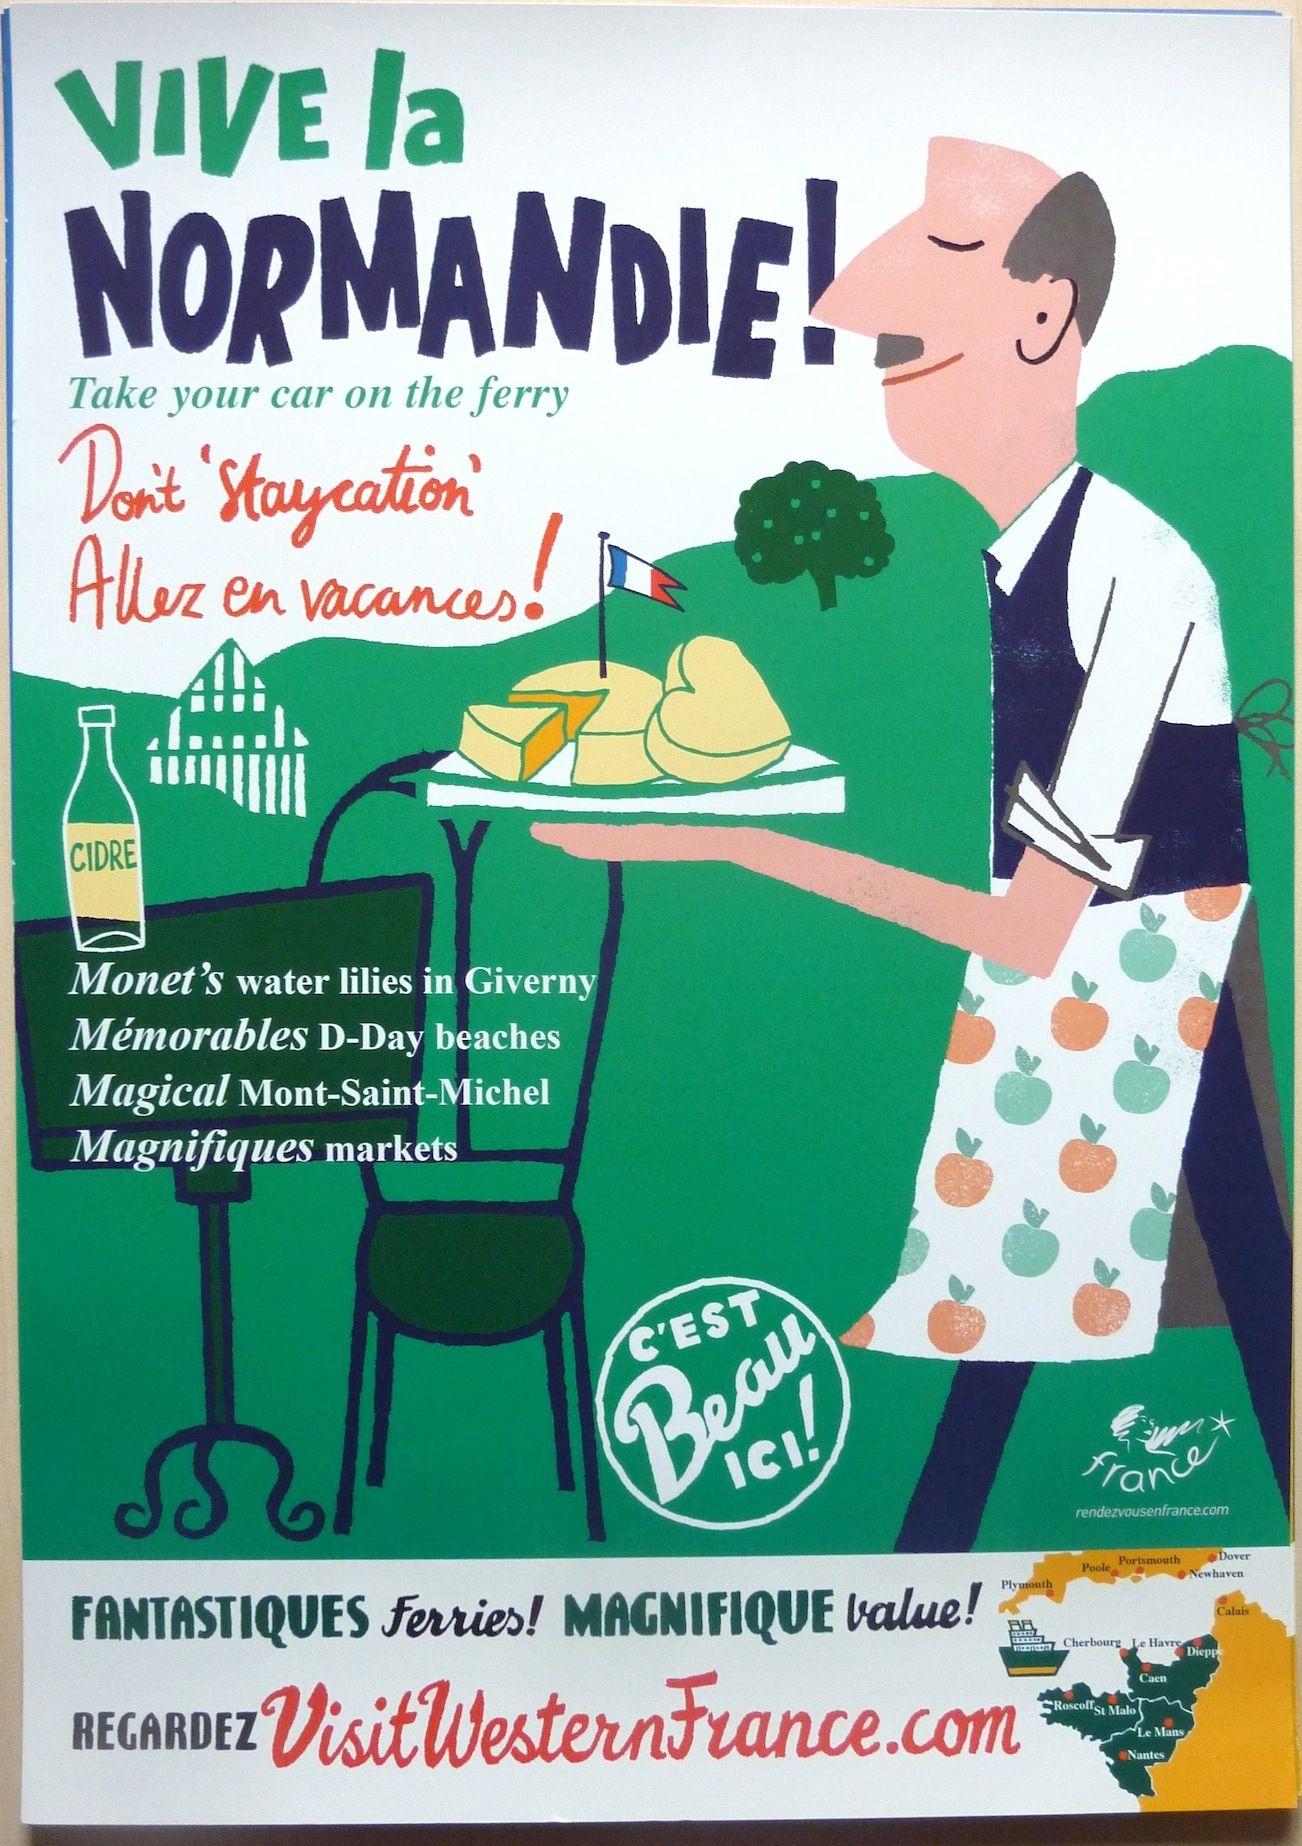 Viva la Normandie, Visit Western France Designed by UK